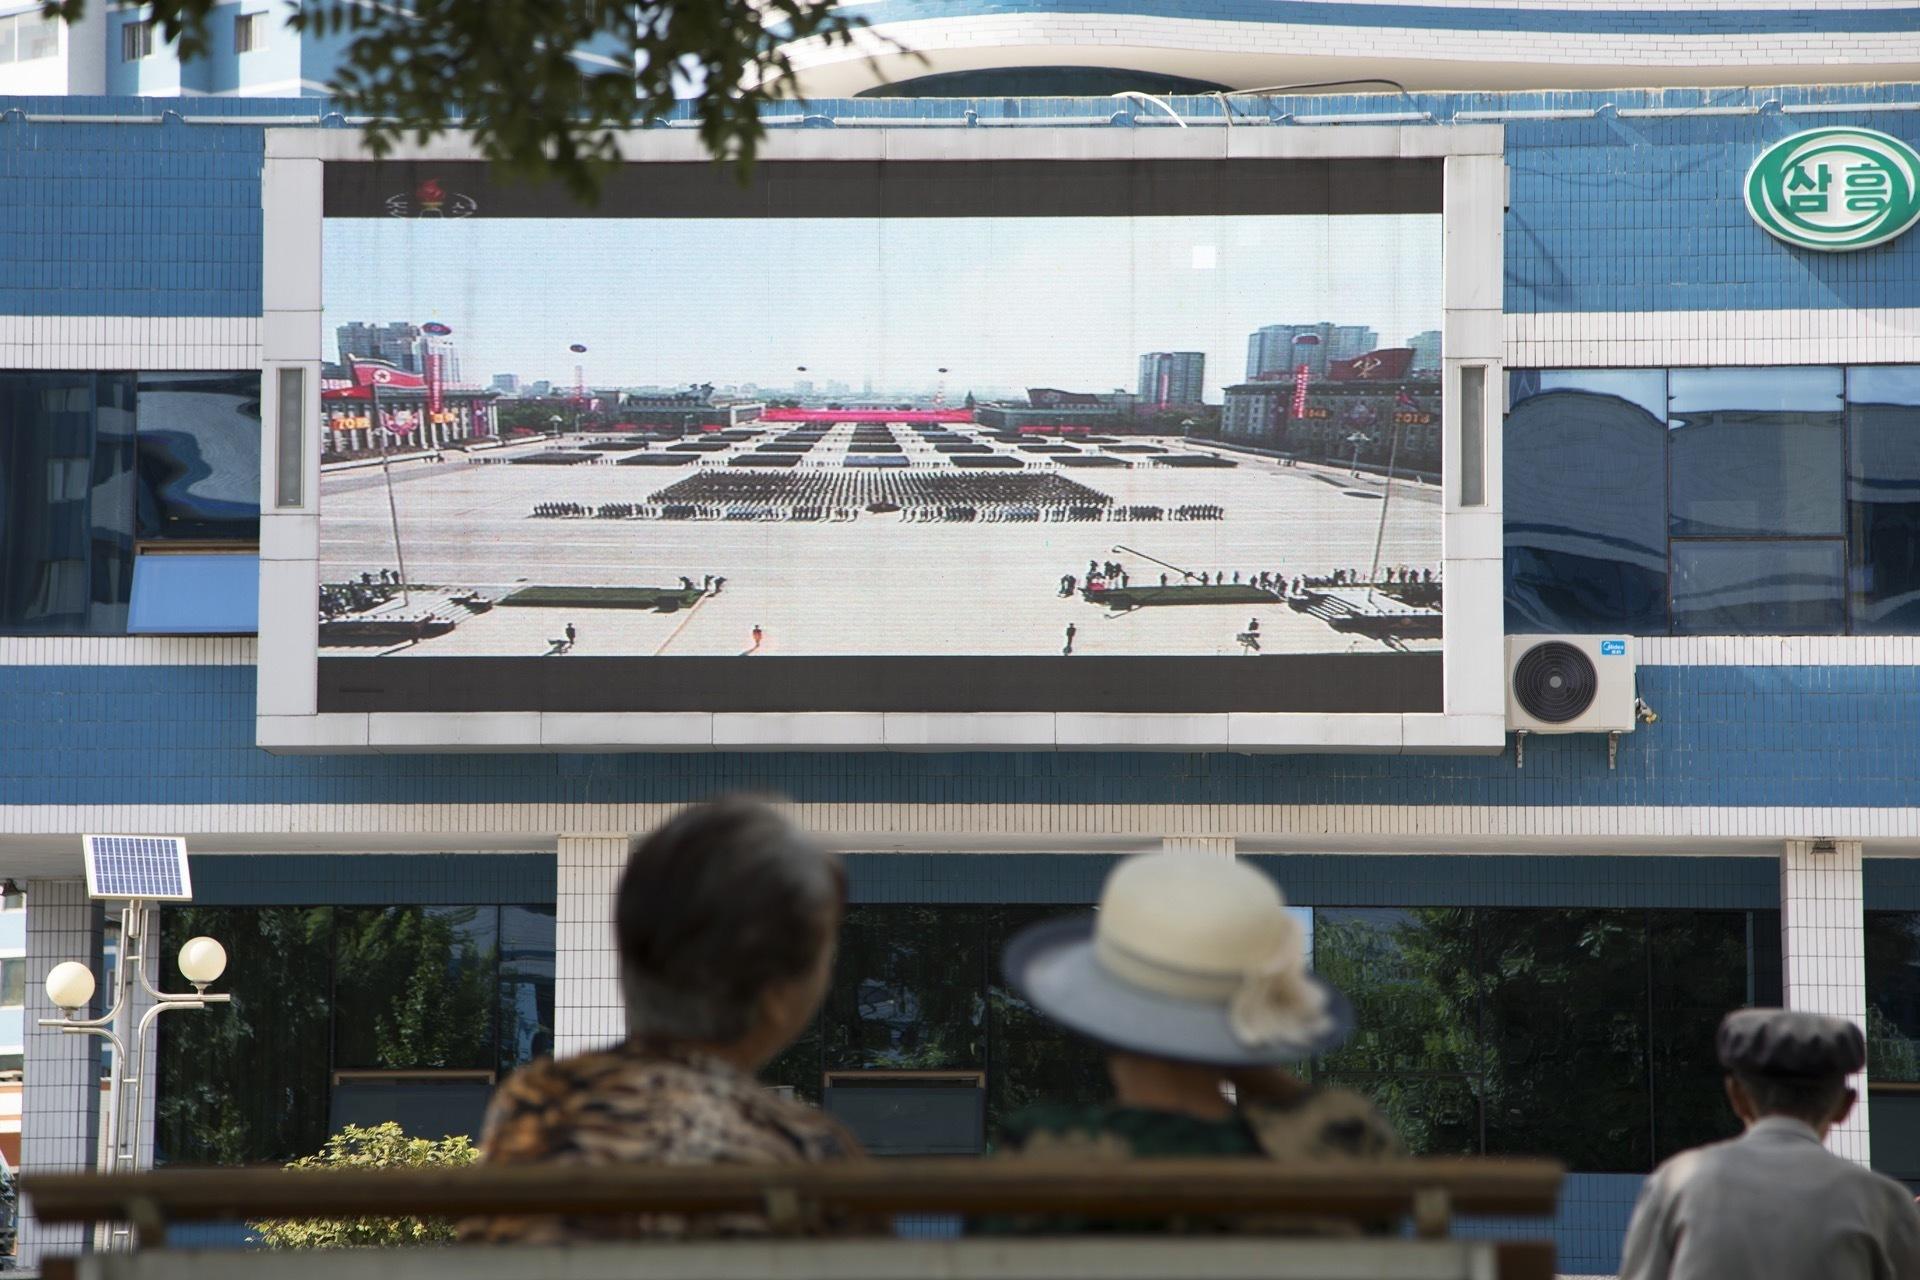 Повседневная жизнь в КНДР - осень 2018 года торговые, автоматическех, автоматы, продуктами, «MadeinDPRK», Установлены, крыше, дворники, велосипедахуборщиках, солнечными, батареями, стране, Фотографии, заметных, новых, событий, происходящих, сегодня, некоторых, понимание